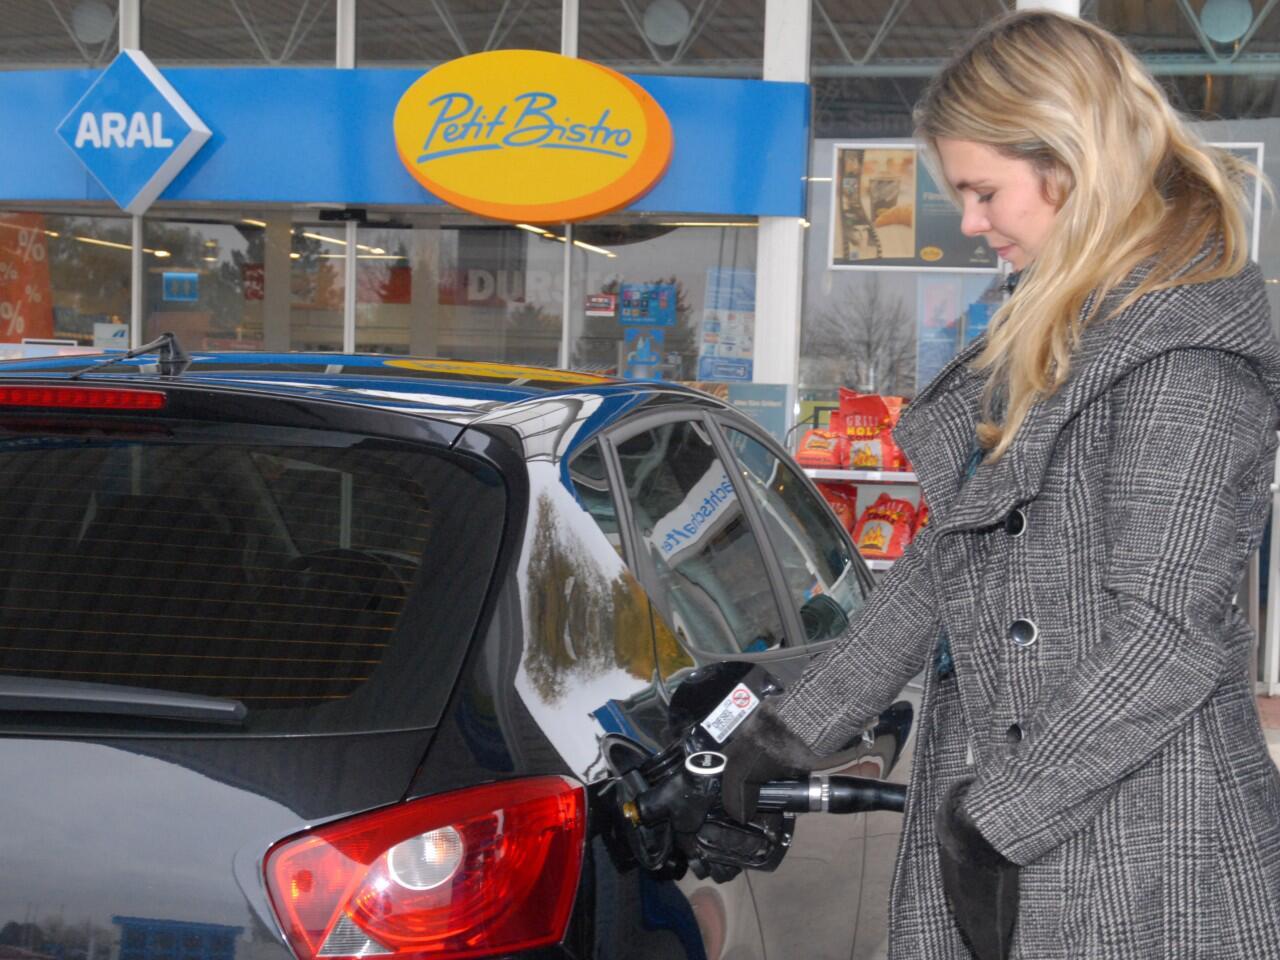 Bild zu Winterdiesel: Zugesetzte Additive sollen das Ausflocken bei Kälte verhindern